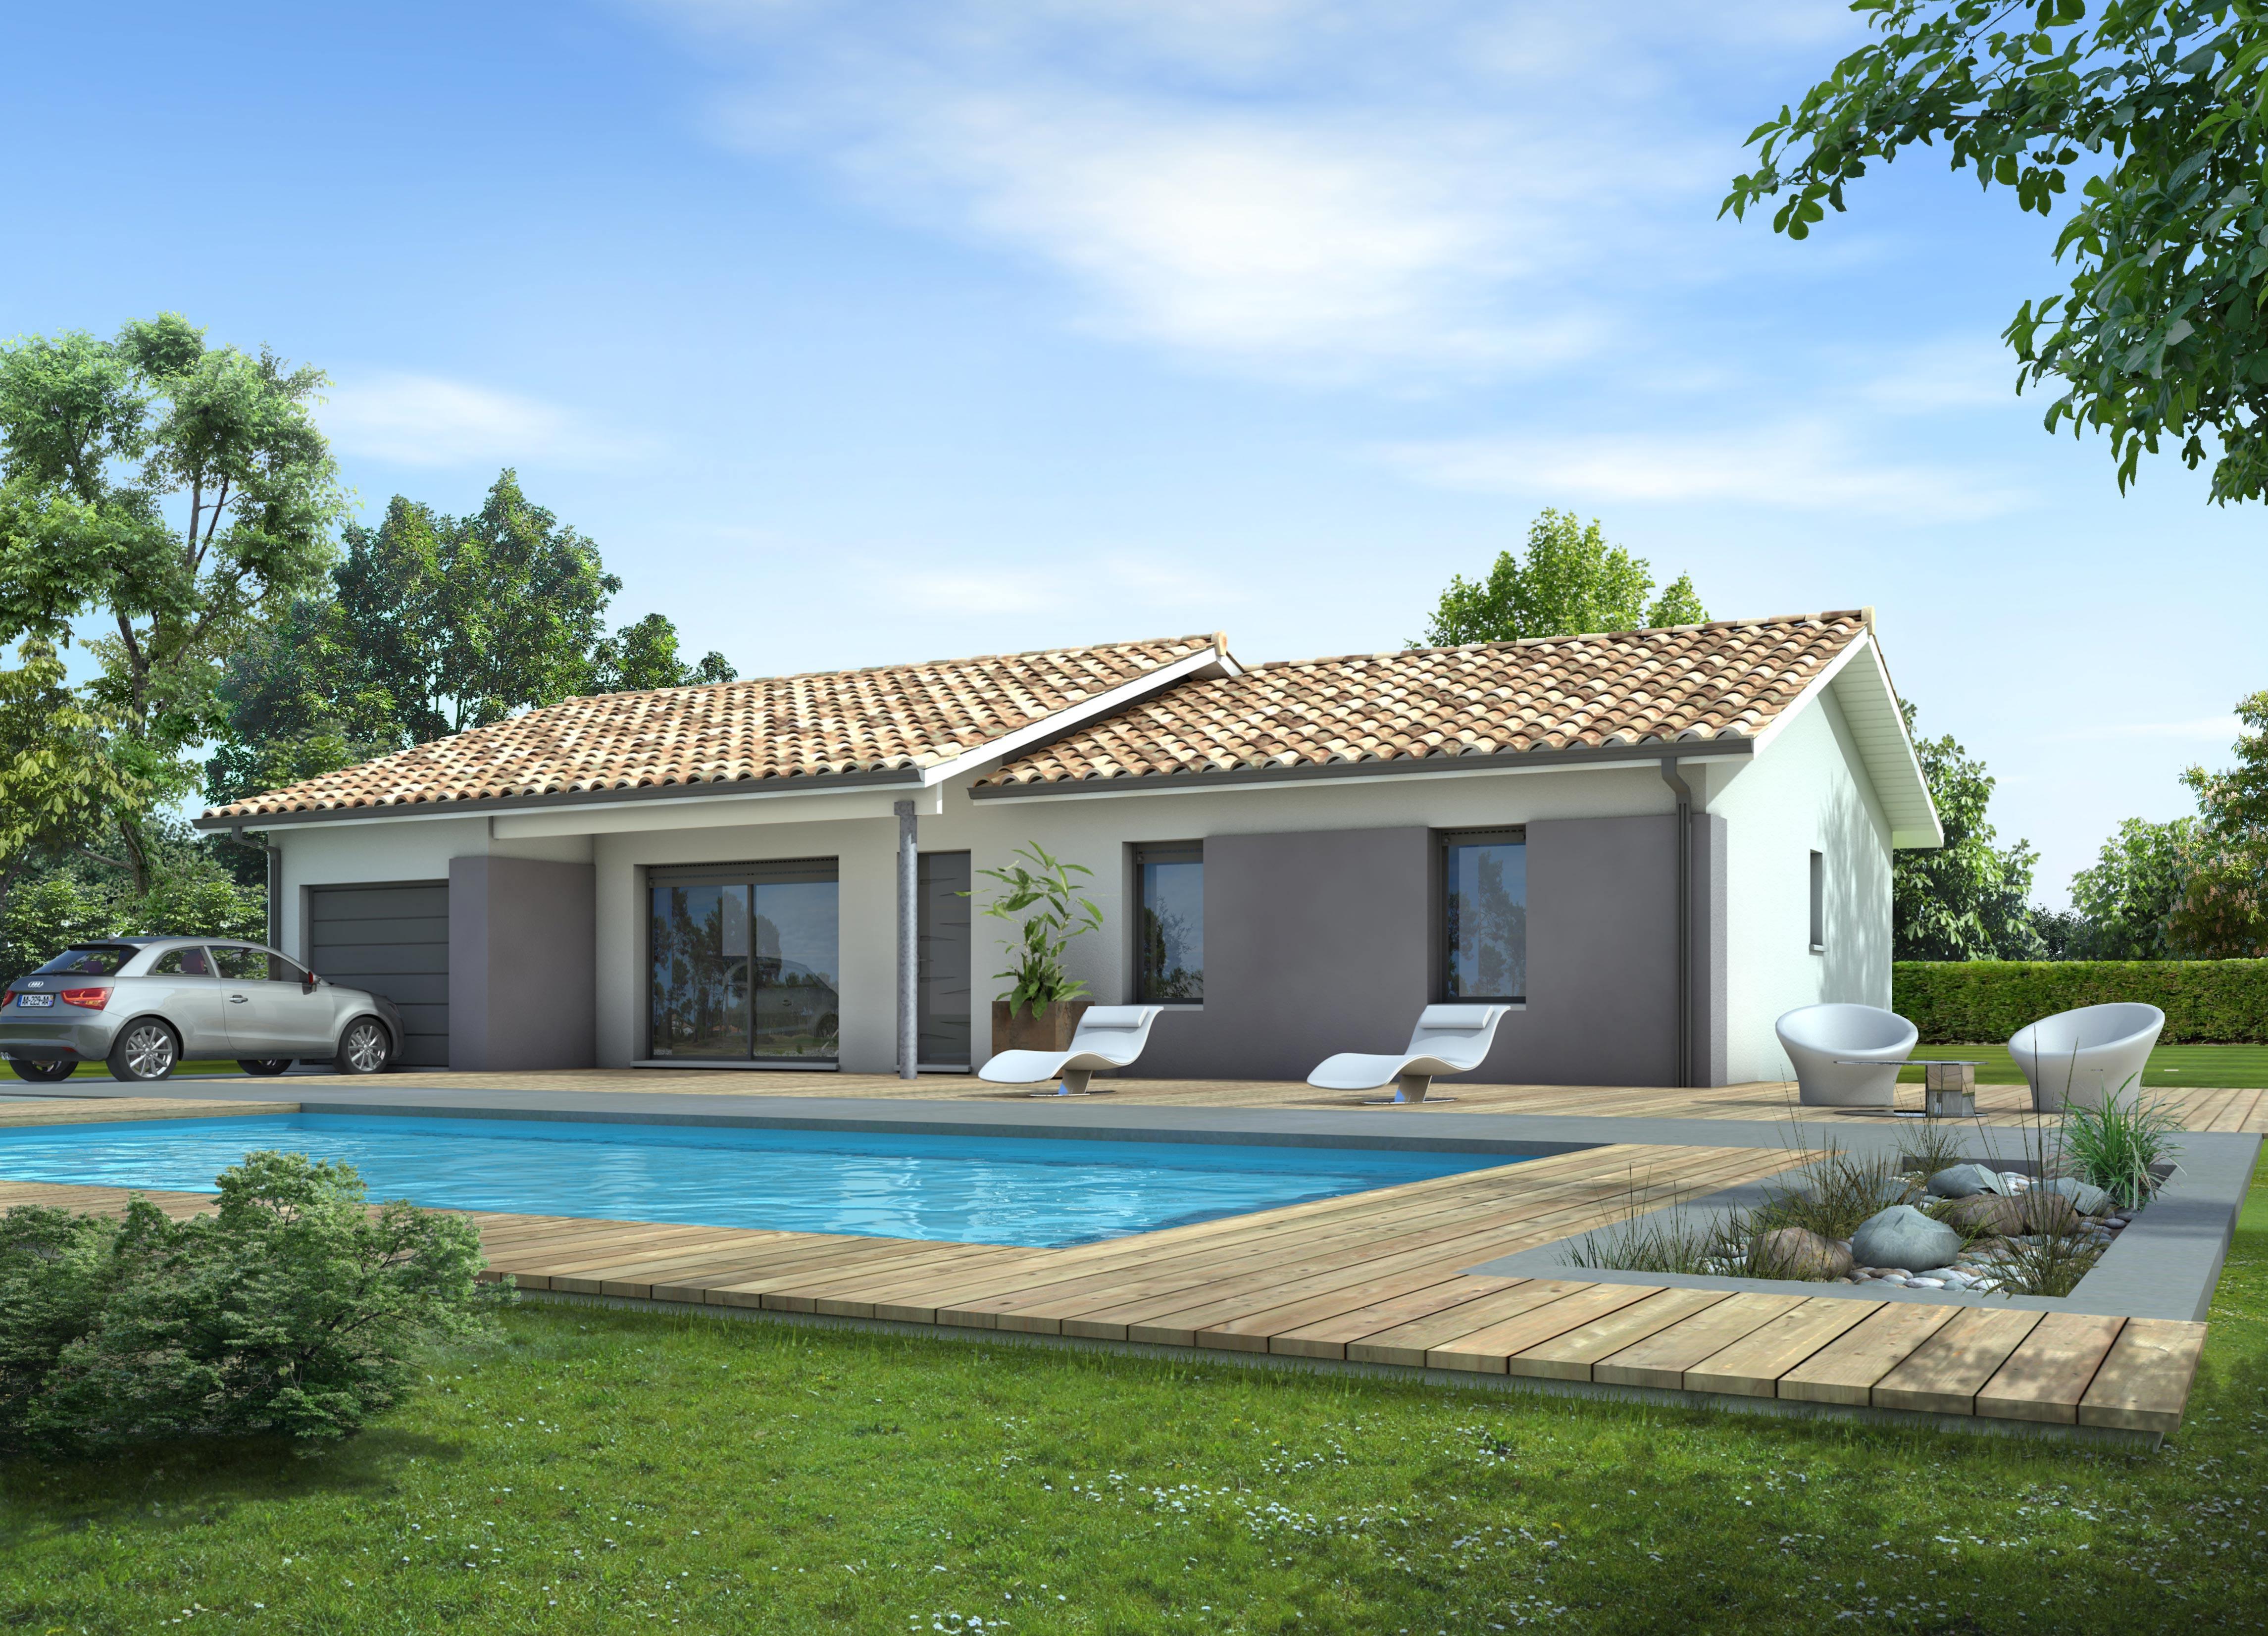 Maisons + Terrains du constructeur LCA MONT DE MARSAN • 90 m² • BRETAGNE DE MARSAN